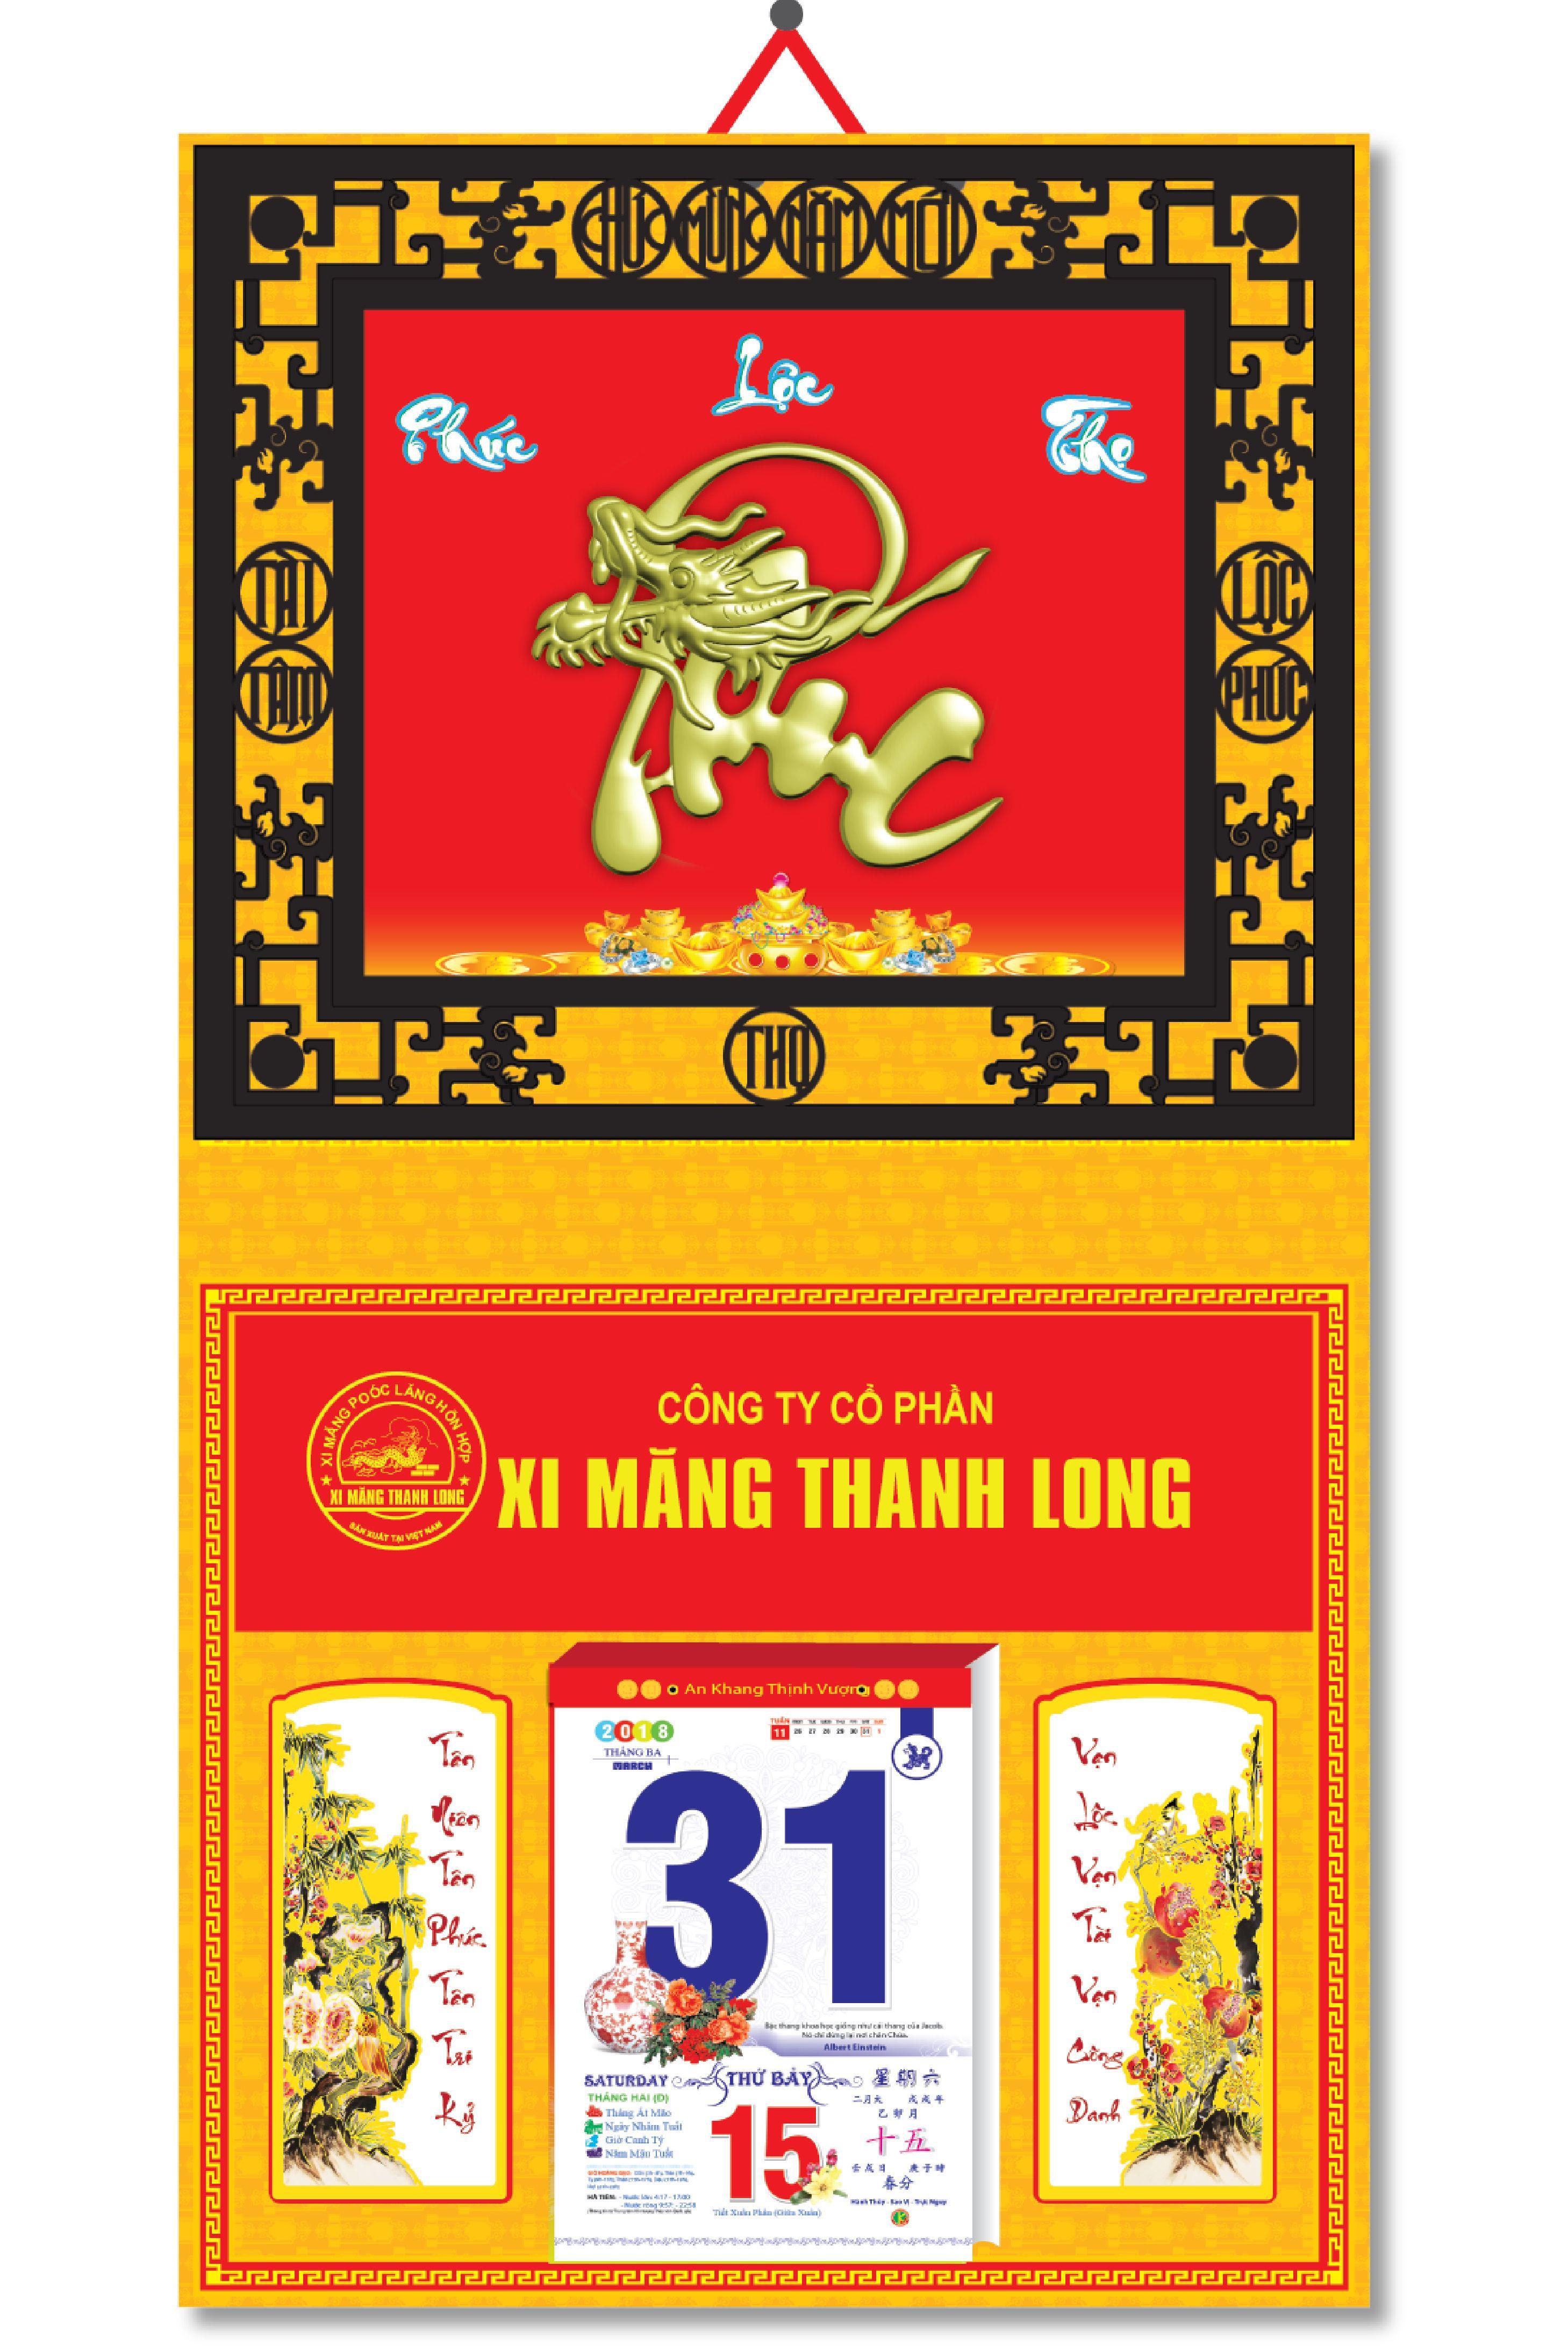 KV106 -  Bìa 2018 Metalize Ép Kim Cao Cấp 7 Màu Dán Nổi (40 x 80 cm) - Khung Giả Gỗ, Dán Nổi chữ Phúc Đầu Rồng